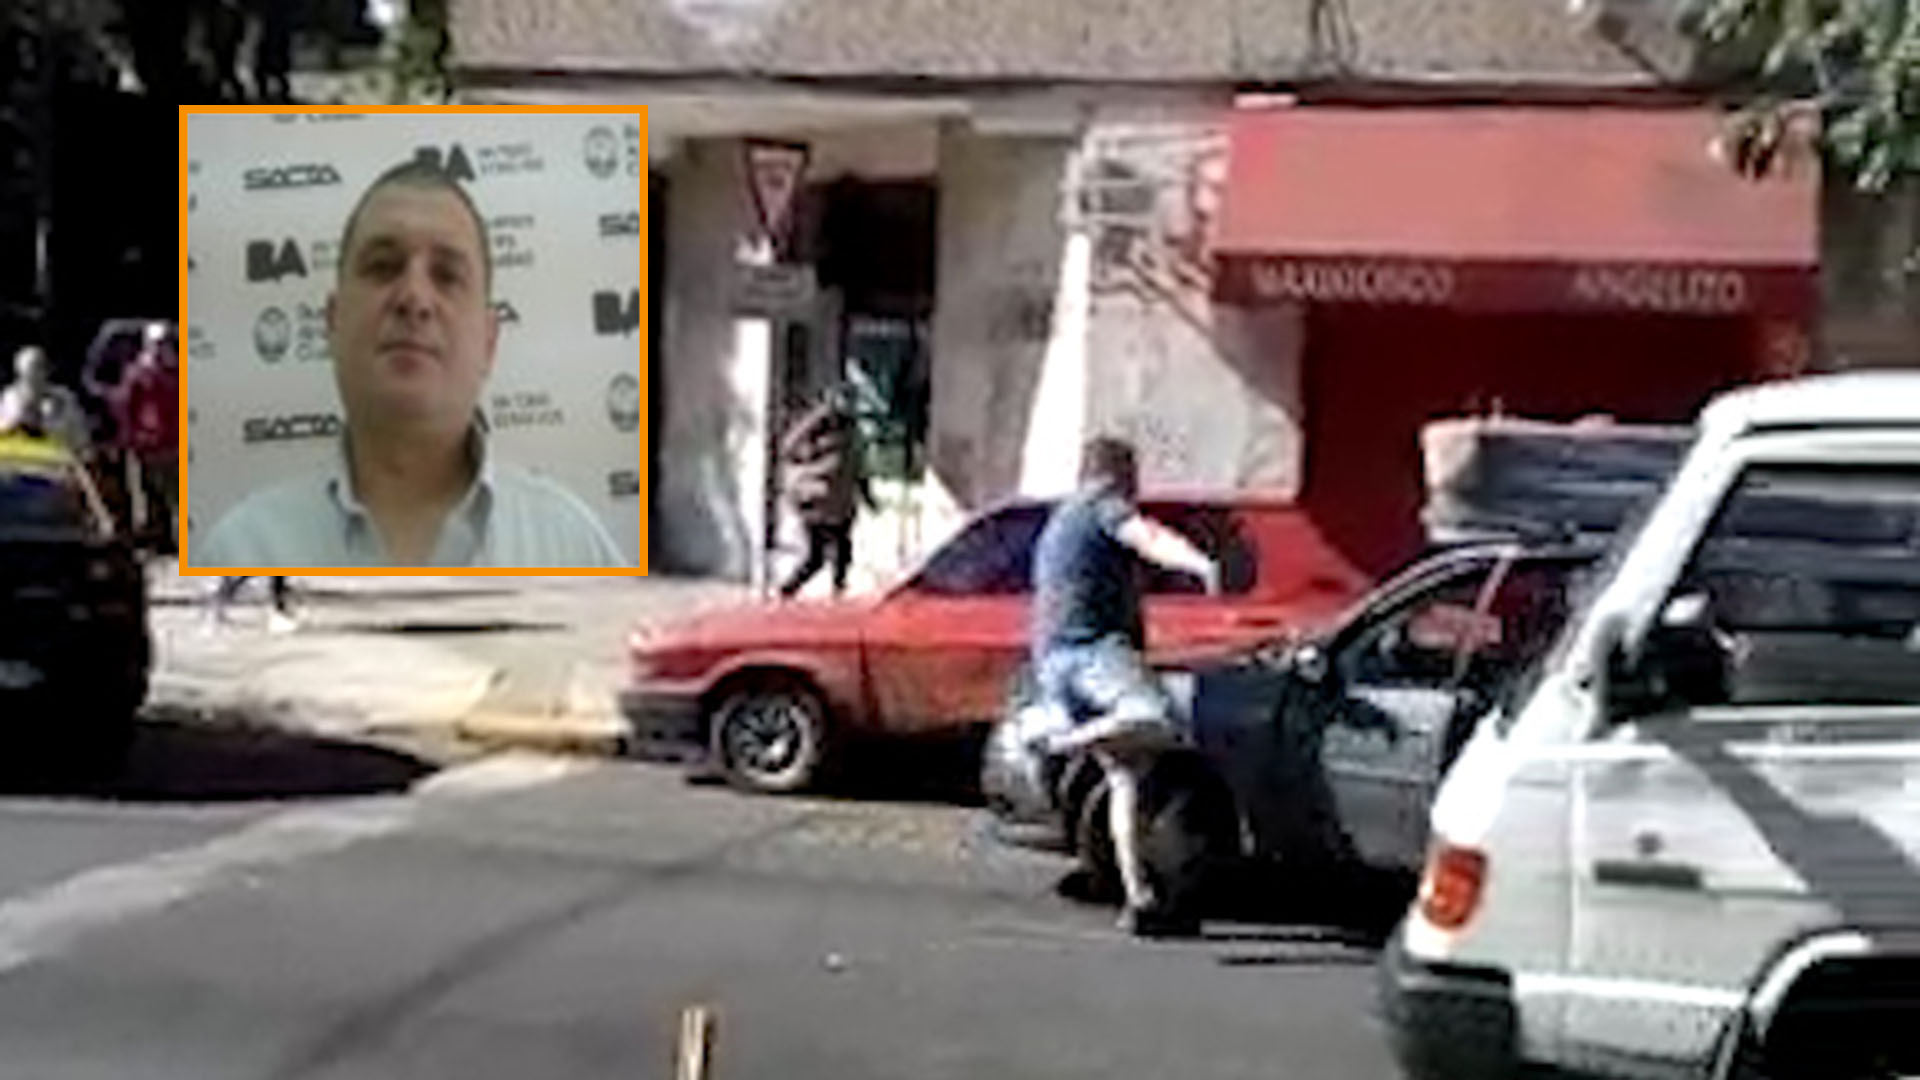 La feroz pelea entre el taxista y el automovilista fue filmada por un comerciante y se viralizó por las redes sociales